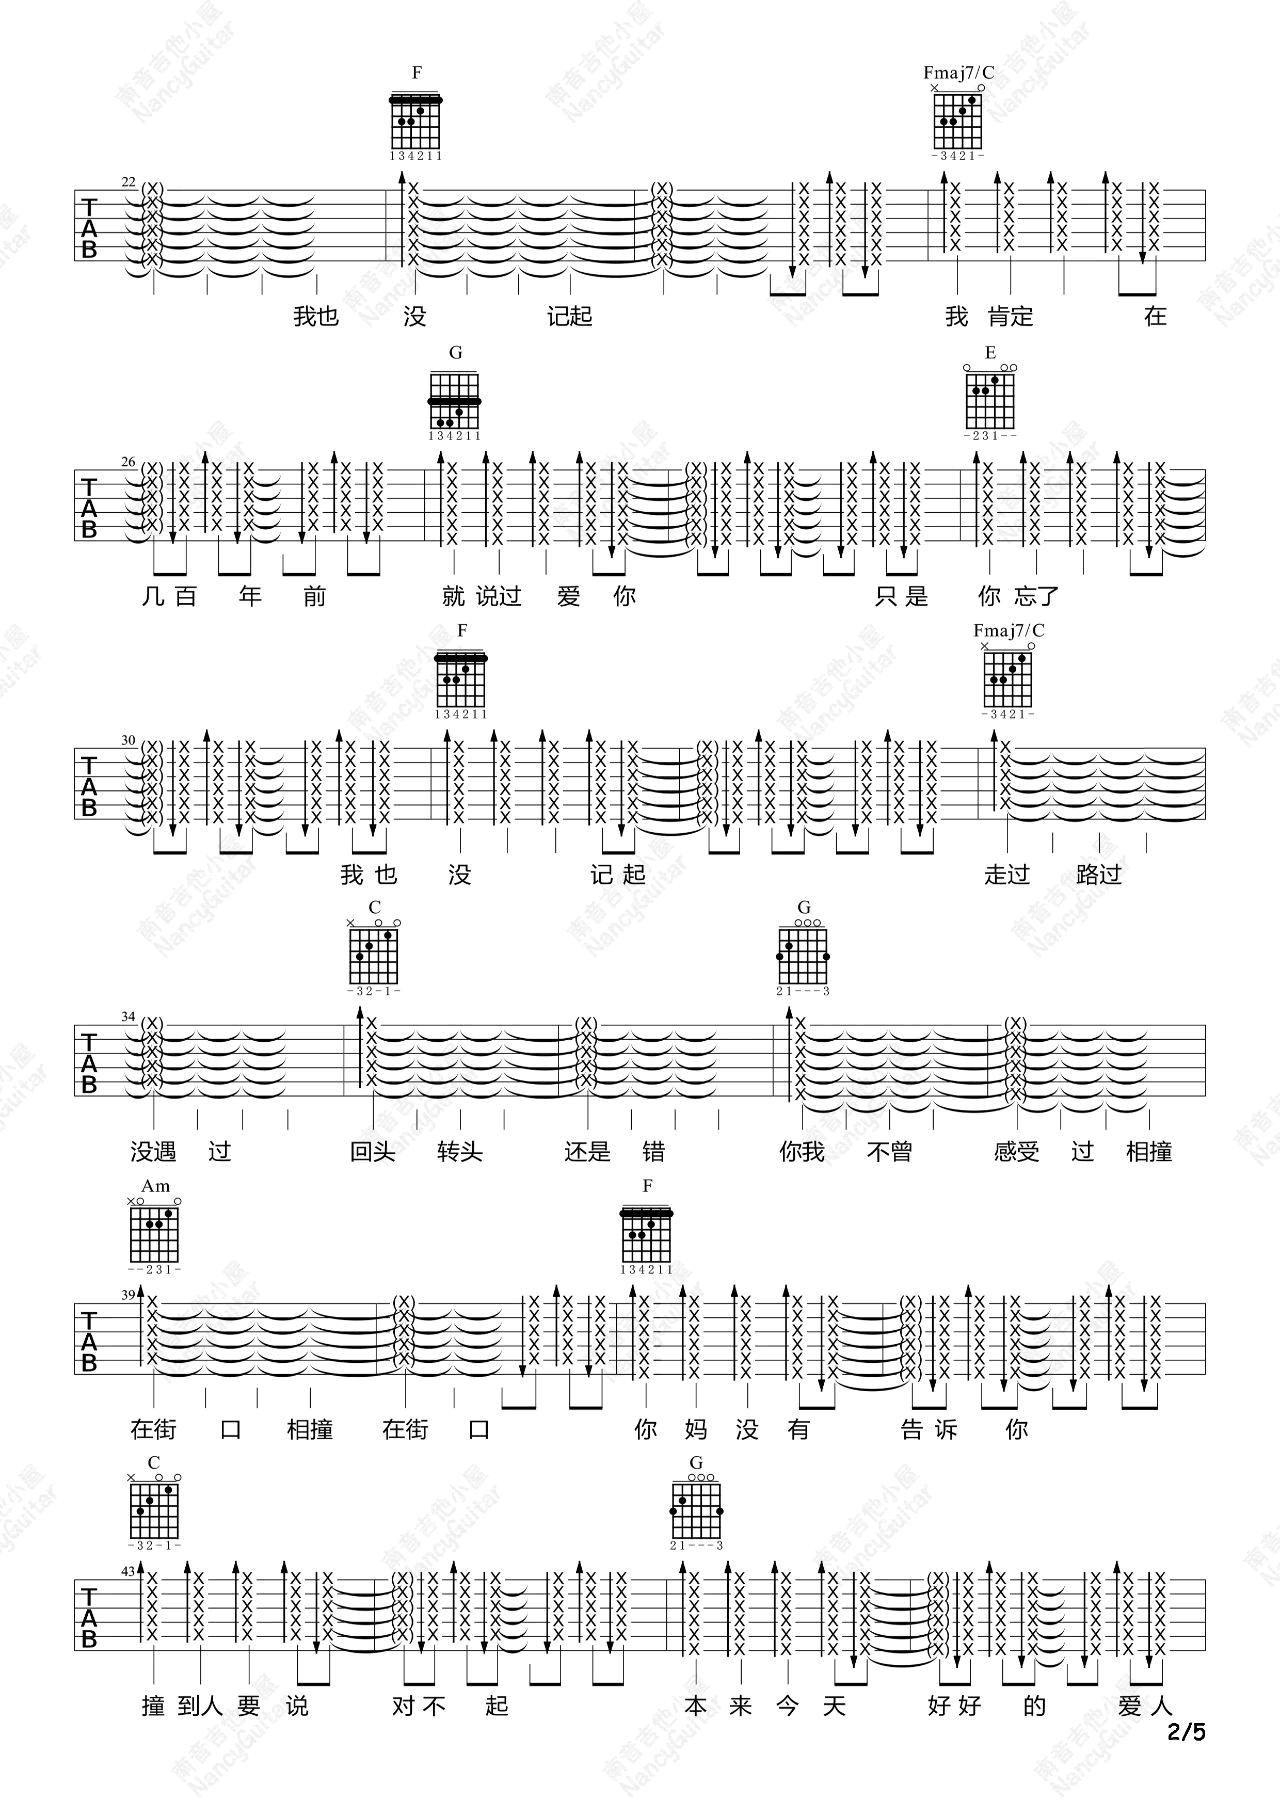 告五人-爱人错过吉他谱-弹唱教学-2